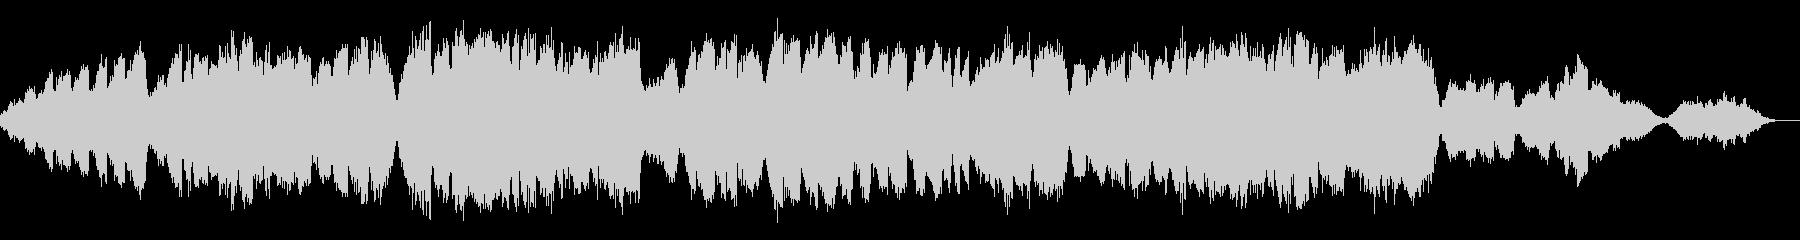 終わりから新しい始まりに バロック風弦楽の未再生の波形